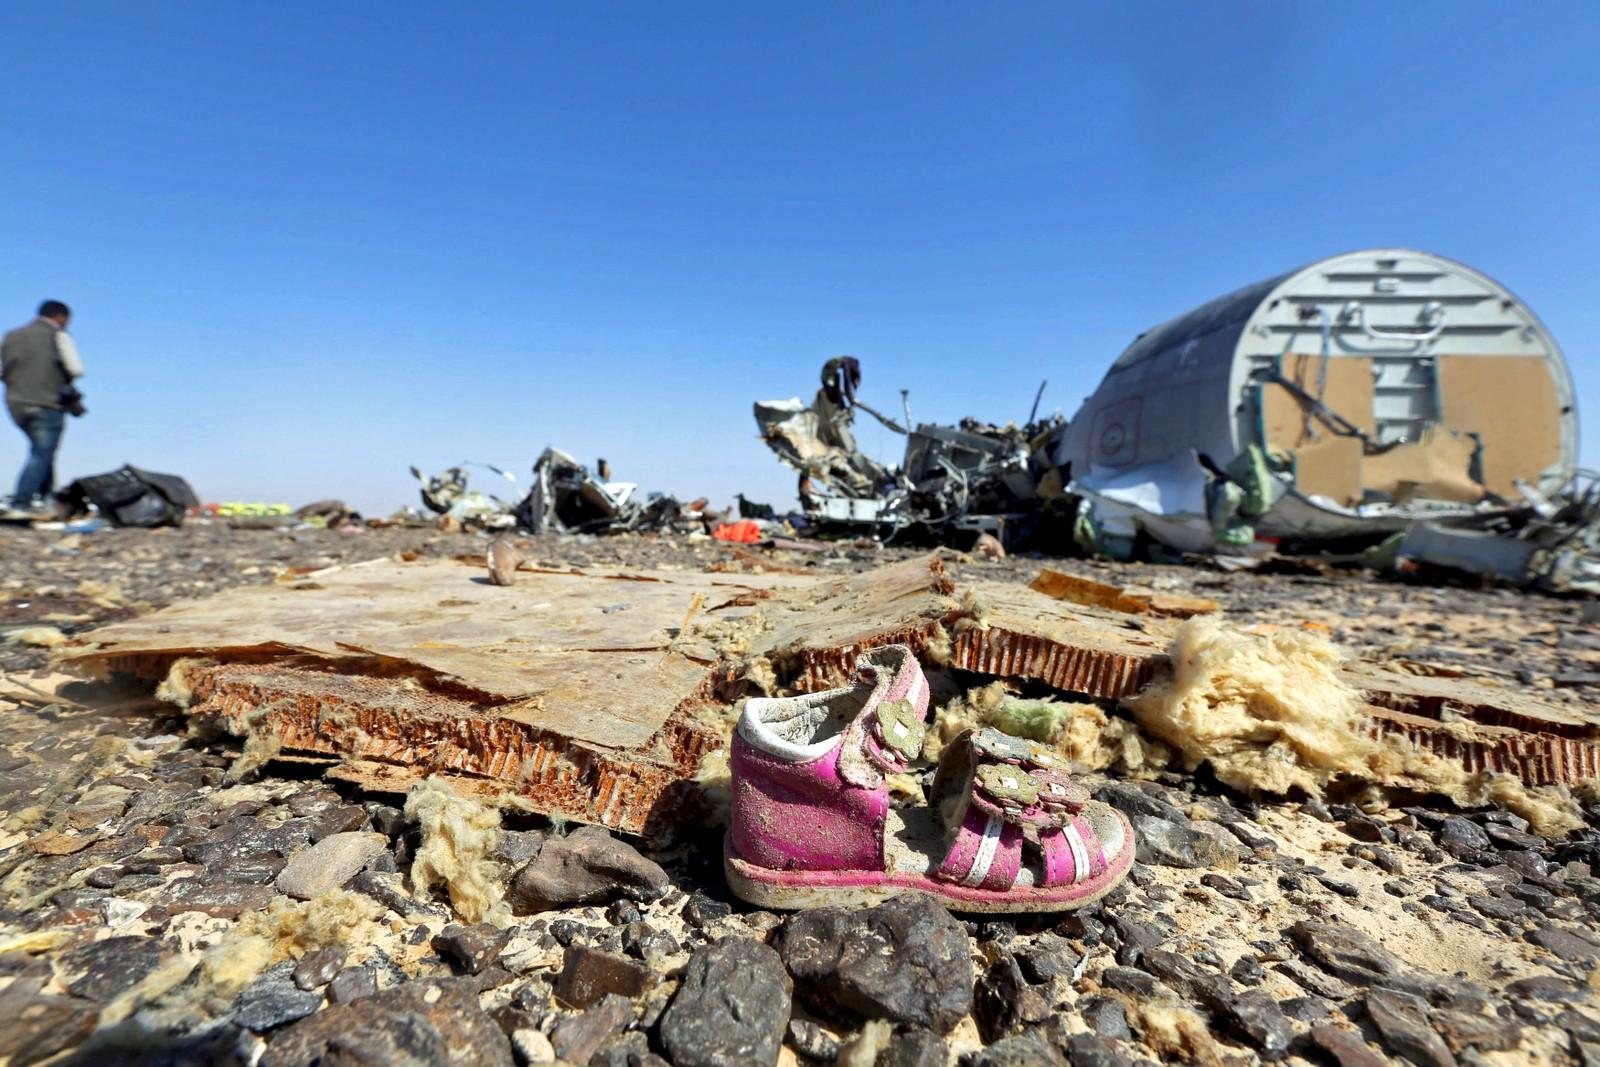 En barnesko ligger sammen med vrakdelene fra det russiske flyet. De omkomne ble funnet i en radius på 15 km fra flyet.